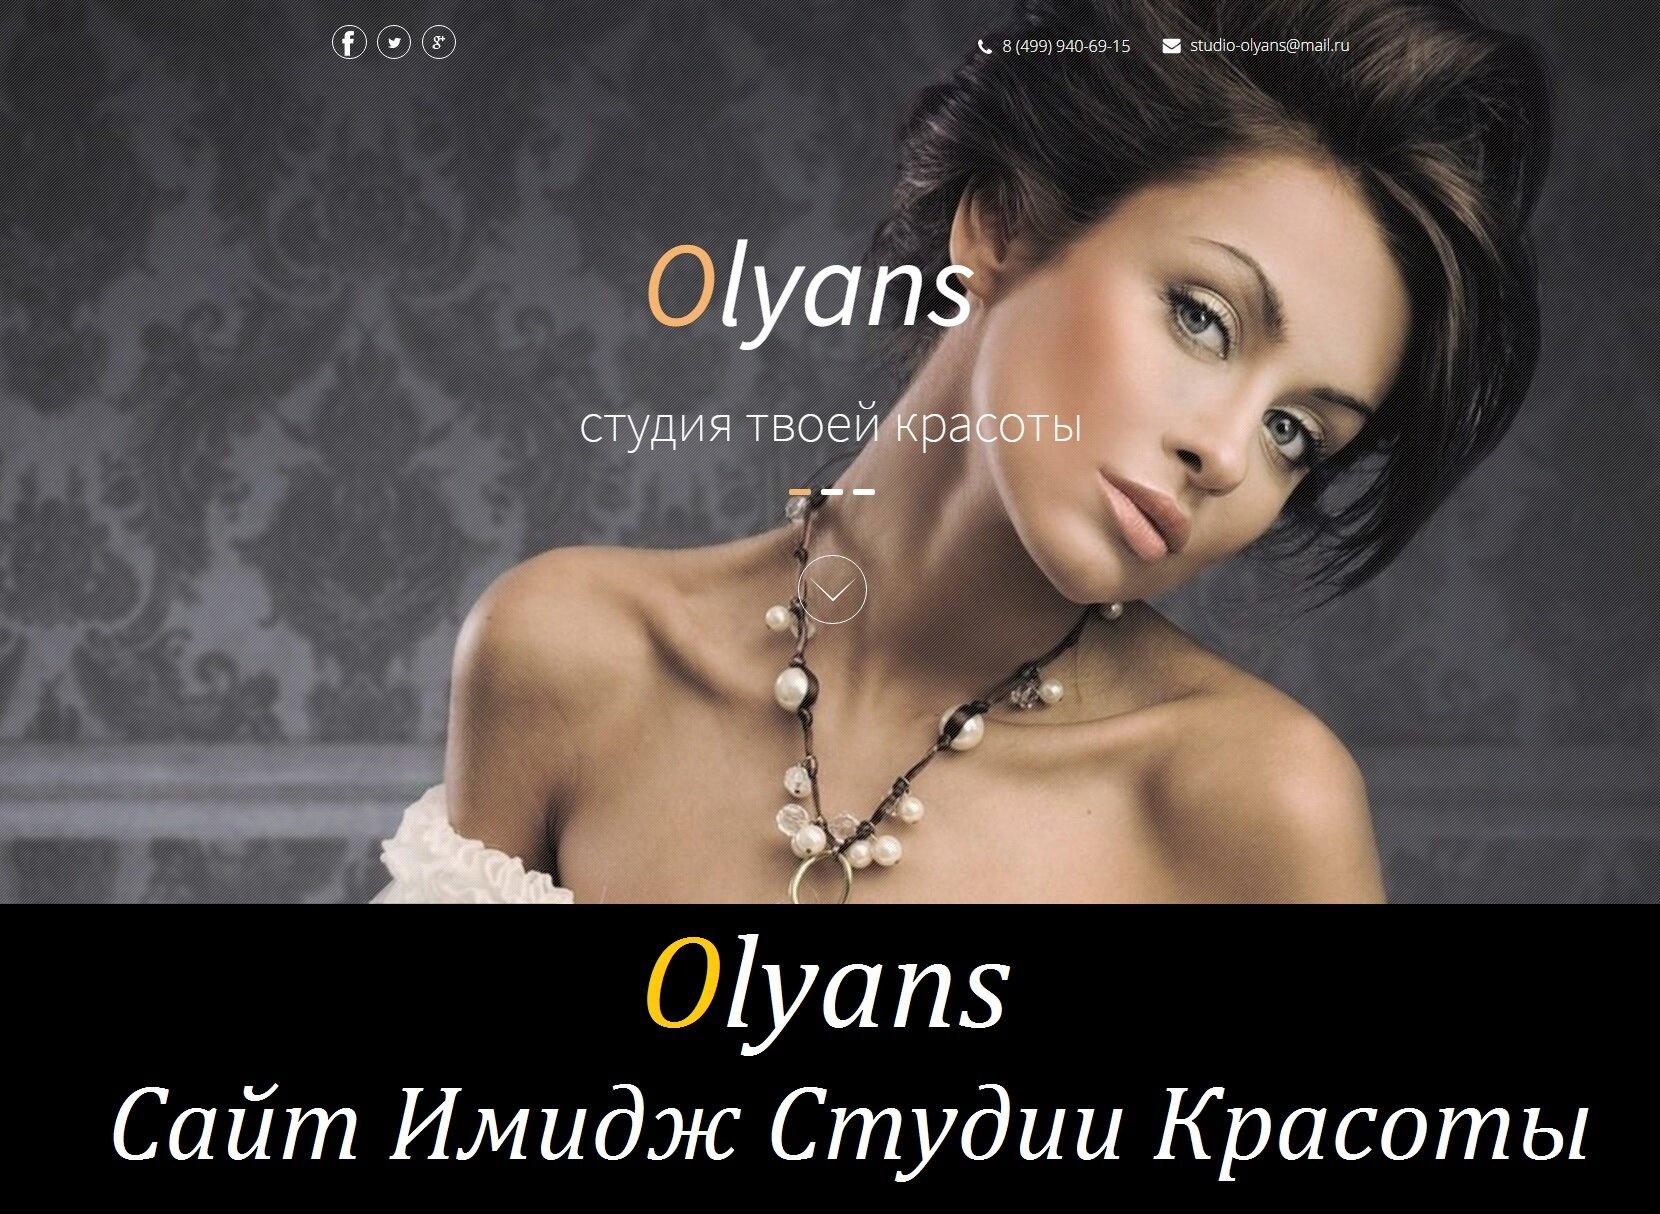 OLYANS1